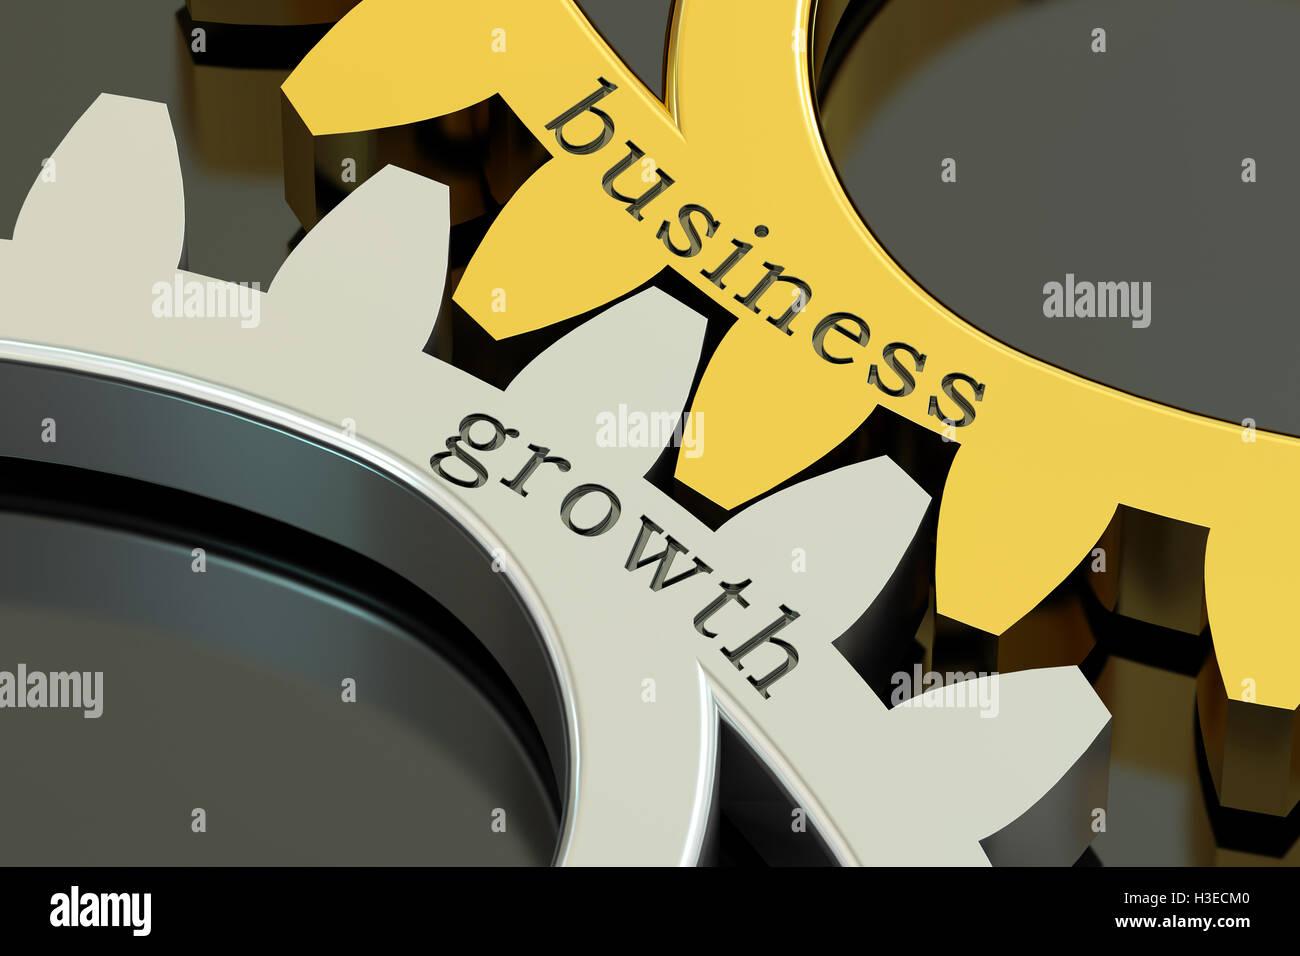 La croissance de l'entreprise concept sur les roues dentées, 3D Rendering Banque D'Images